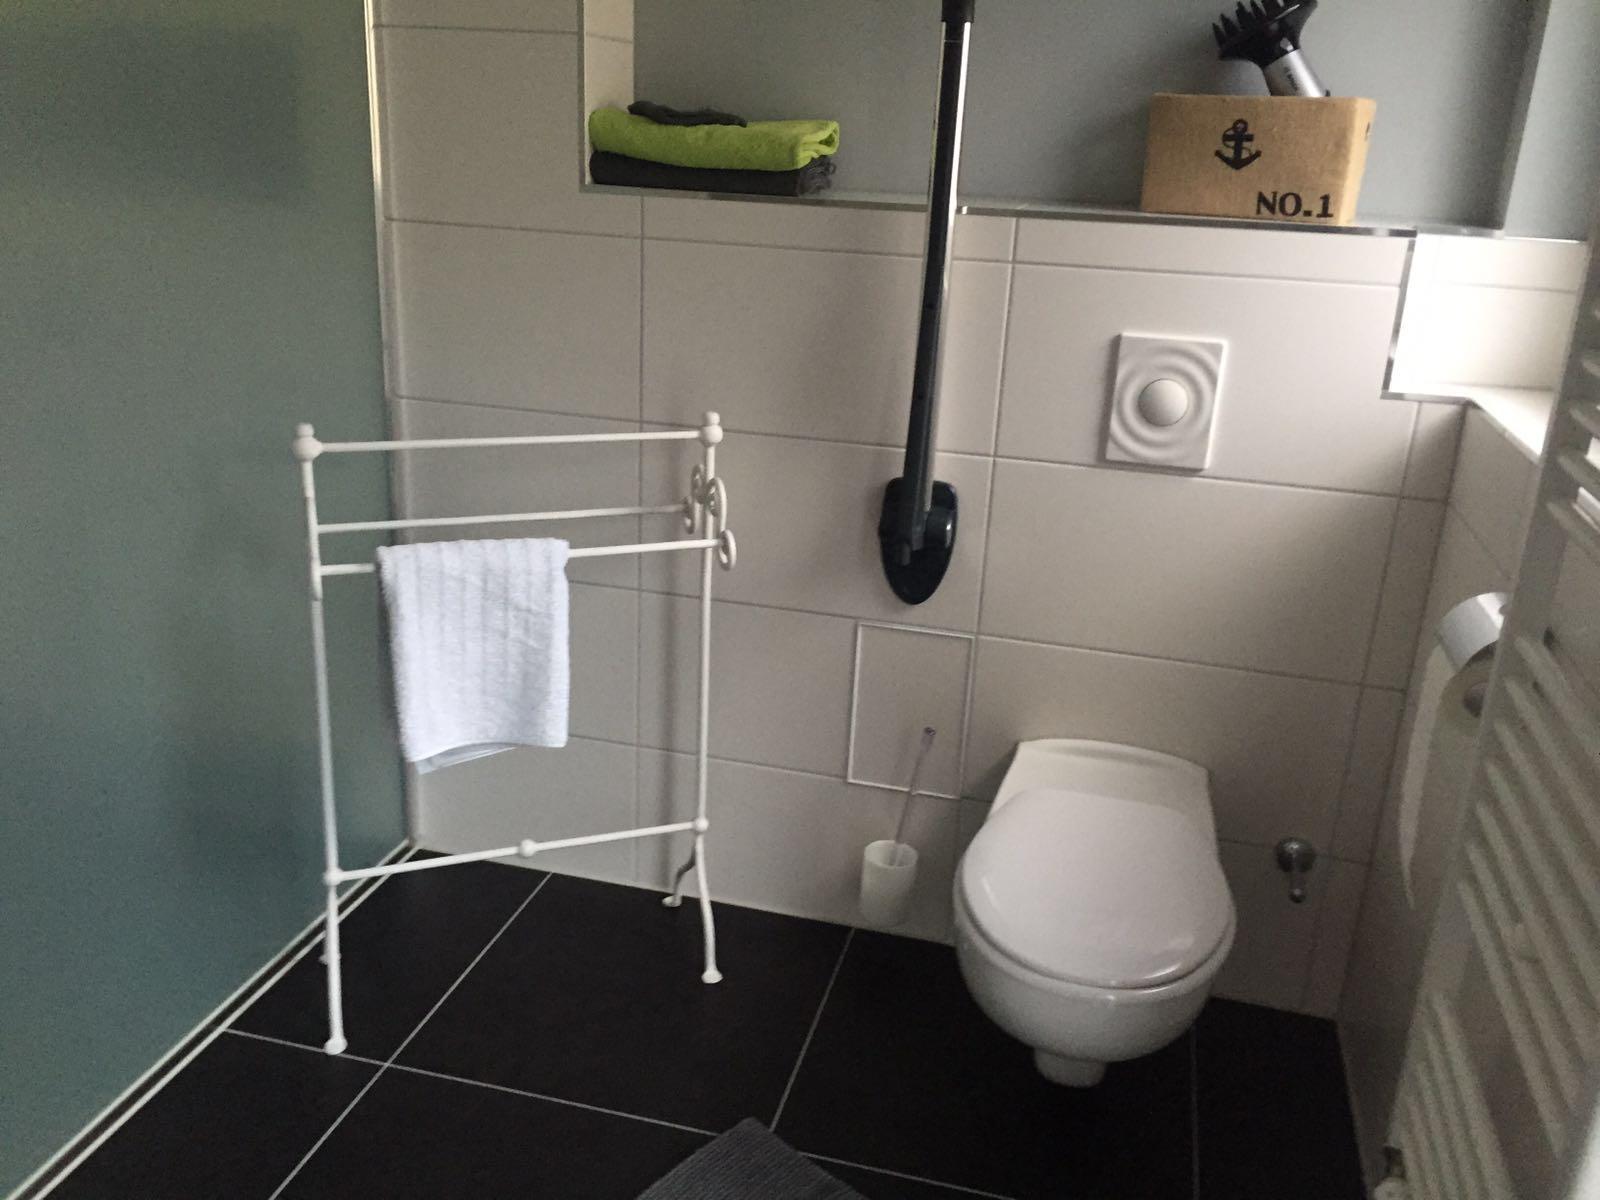 auf der Toilette kann man sich auch abstützen